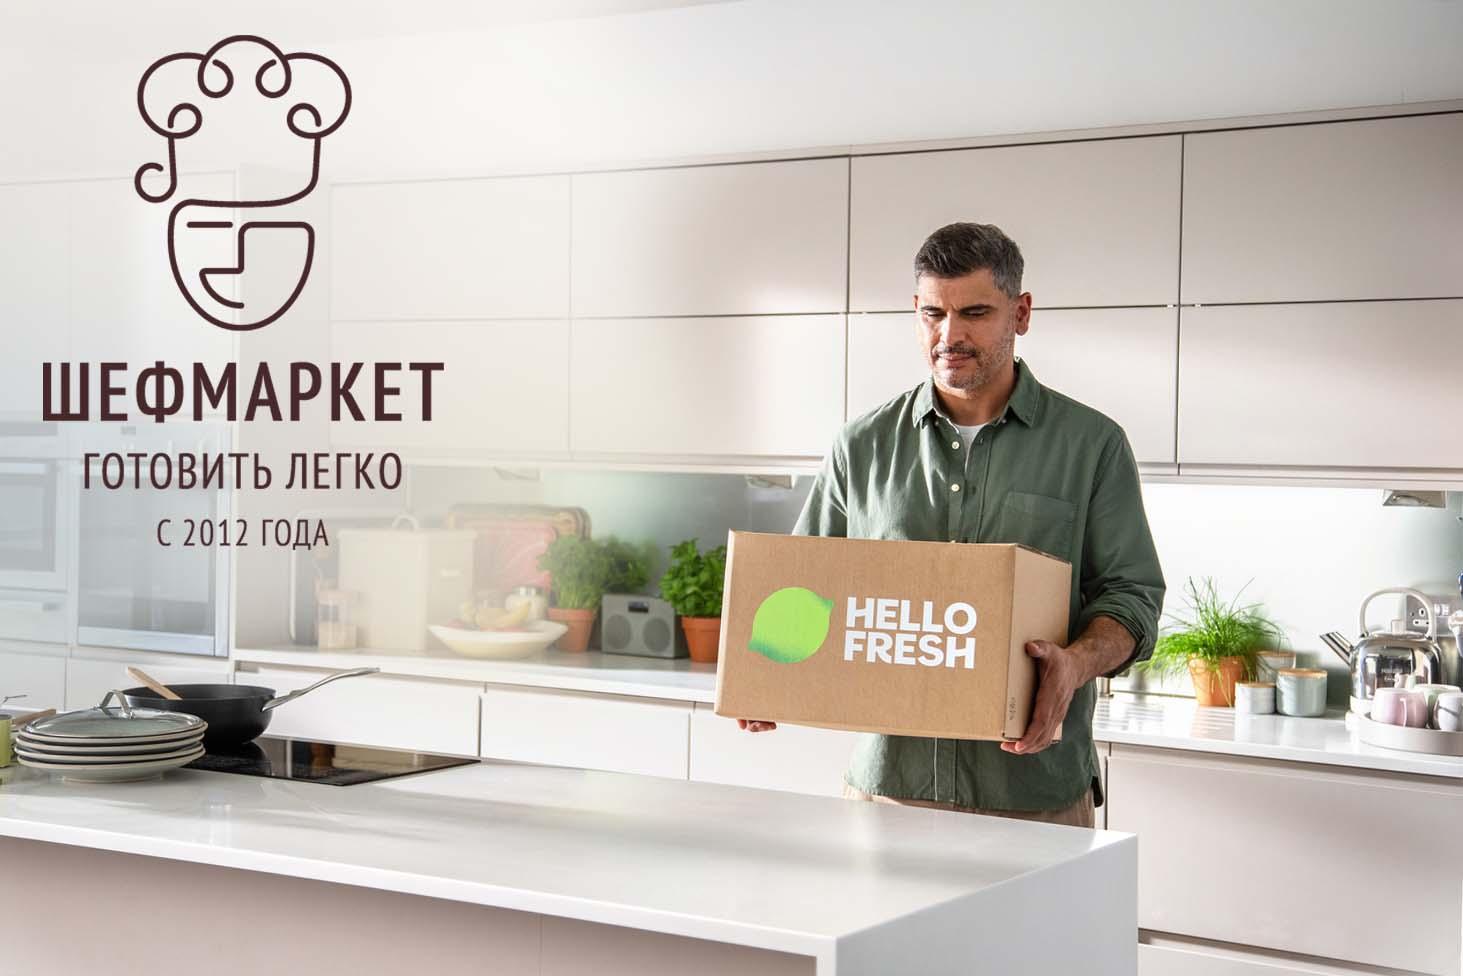 Компания HelloFresh инвестировала в Шефмаркет